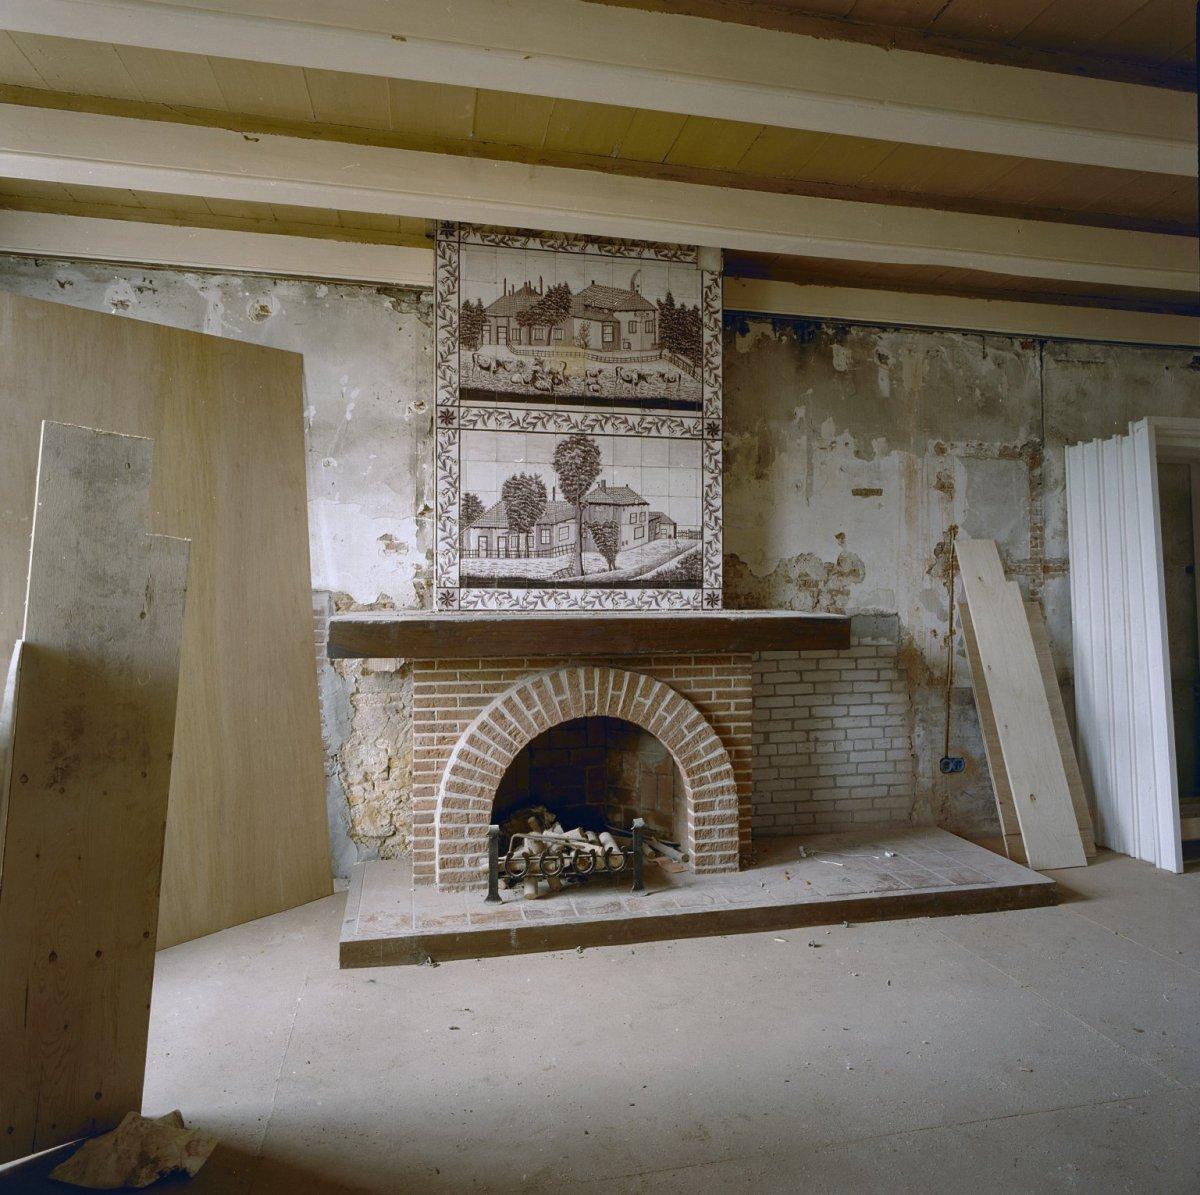 File interieur voormalige keuken tegeltableau boven open haard tijdens restauratie wassenaar - Open haard keuken photo ...